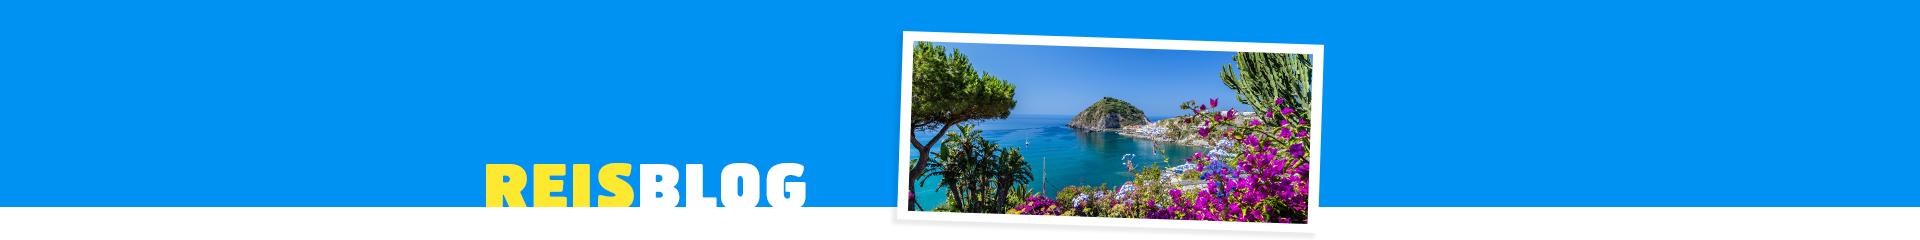 Uitzicht over Italiaans eiland